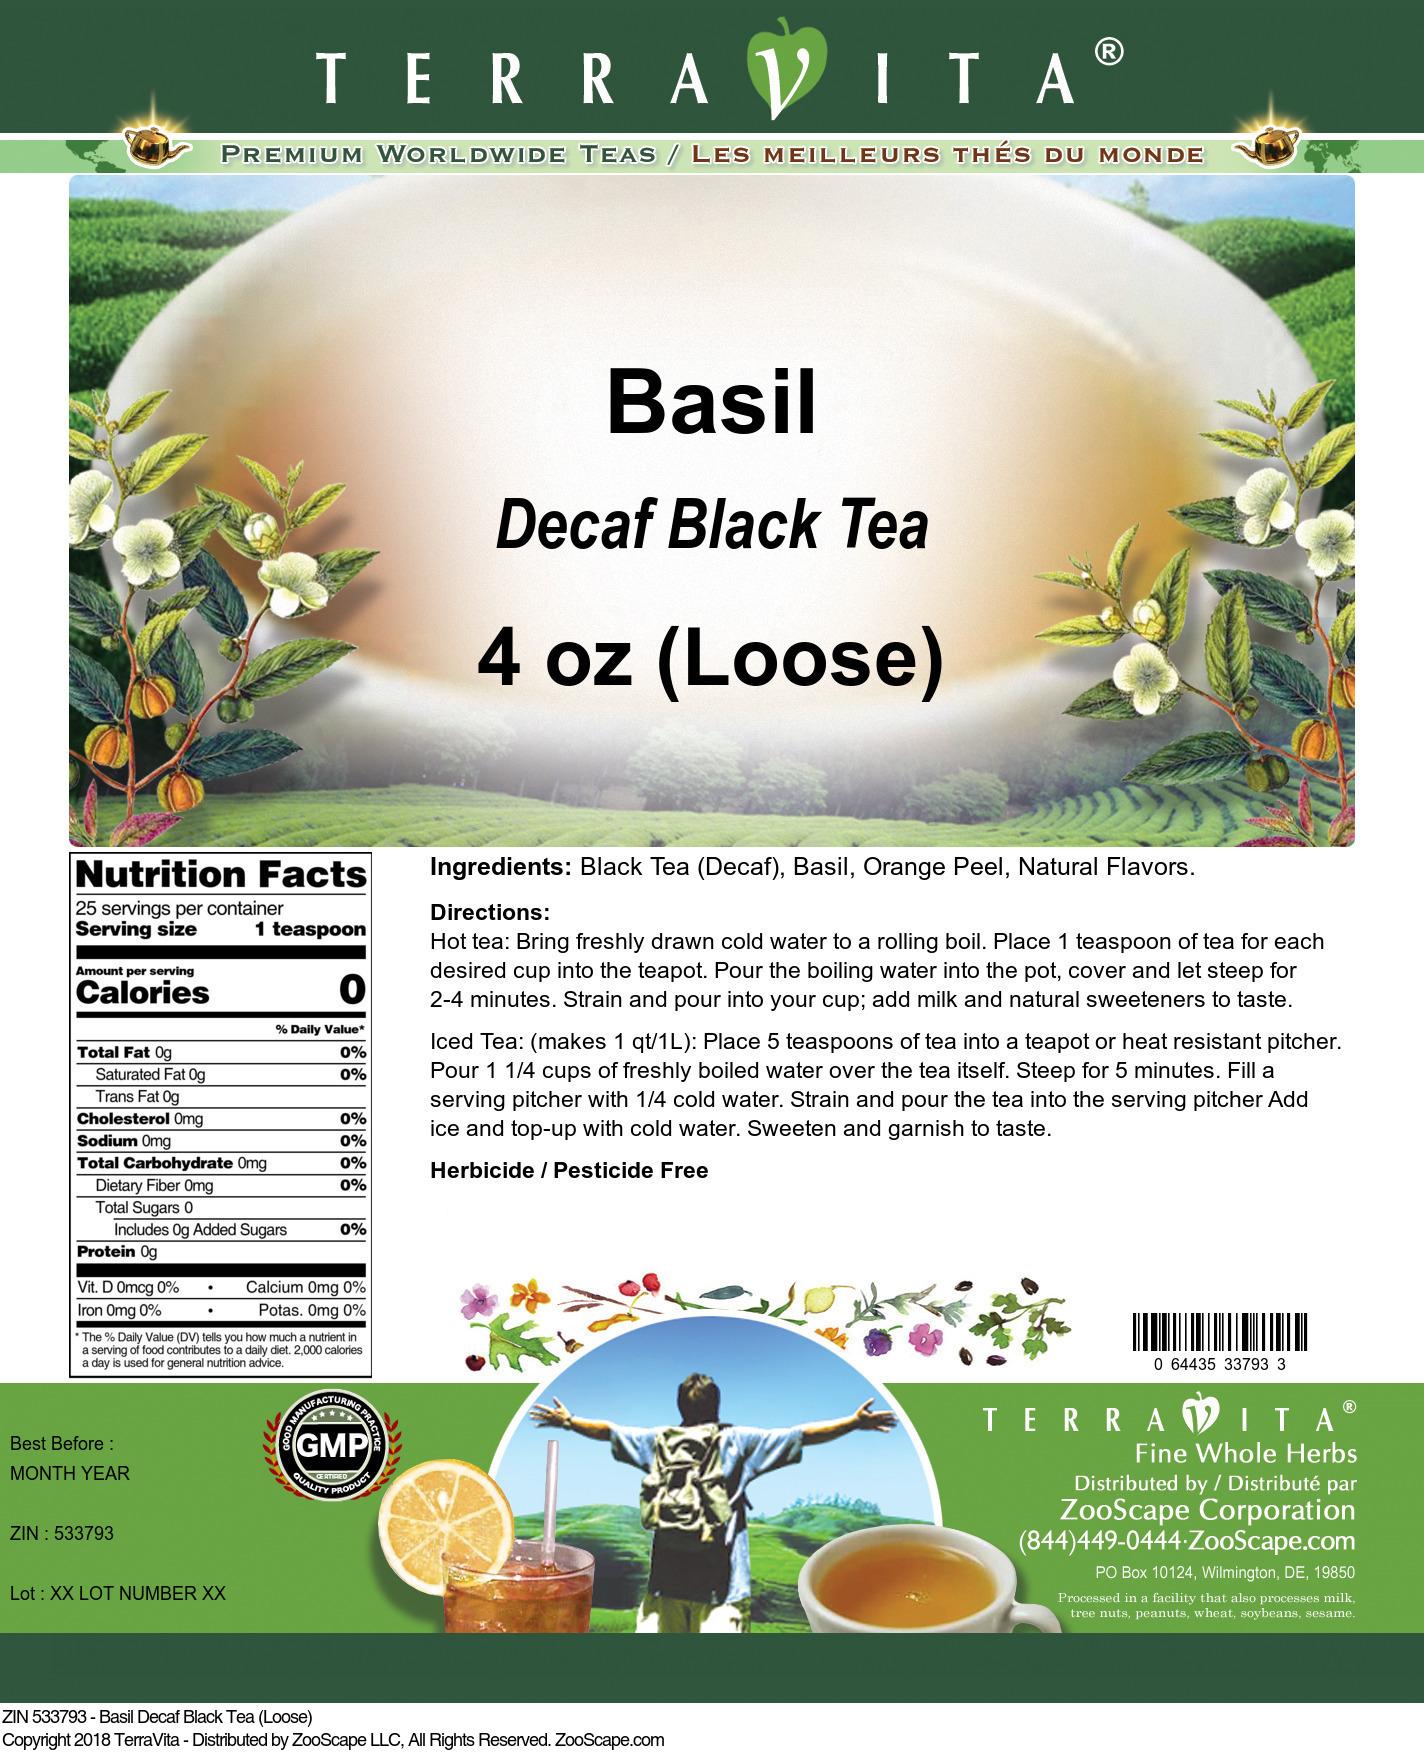 Basil Decaf Black Tea (Loose)